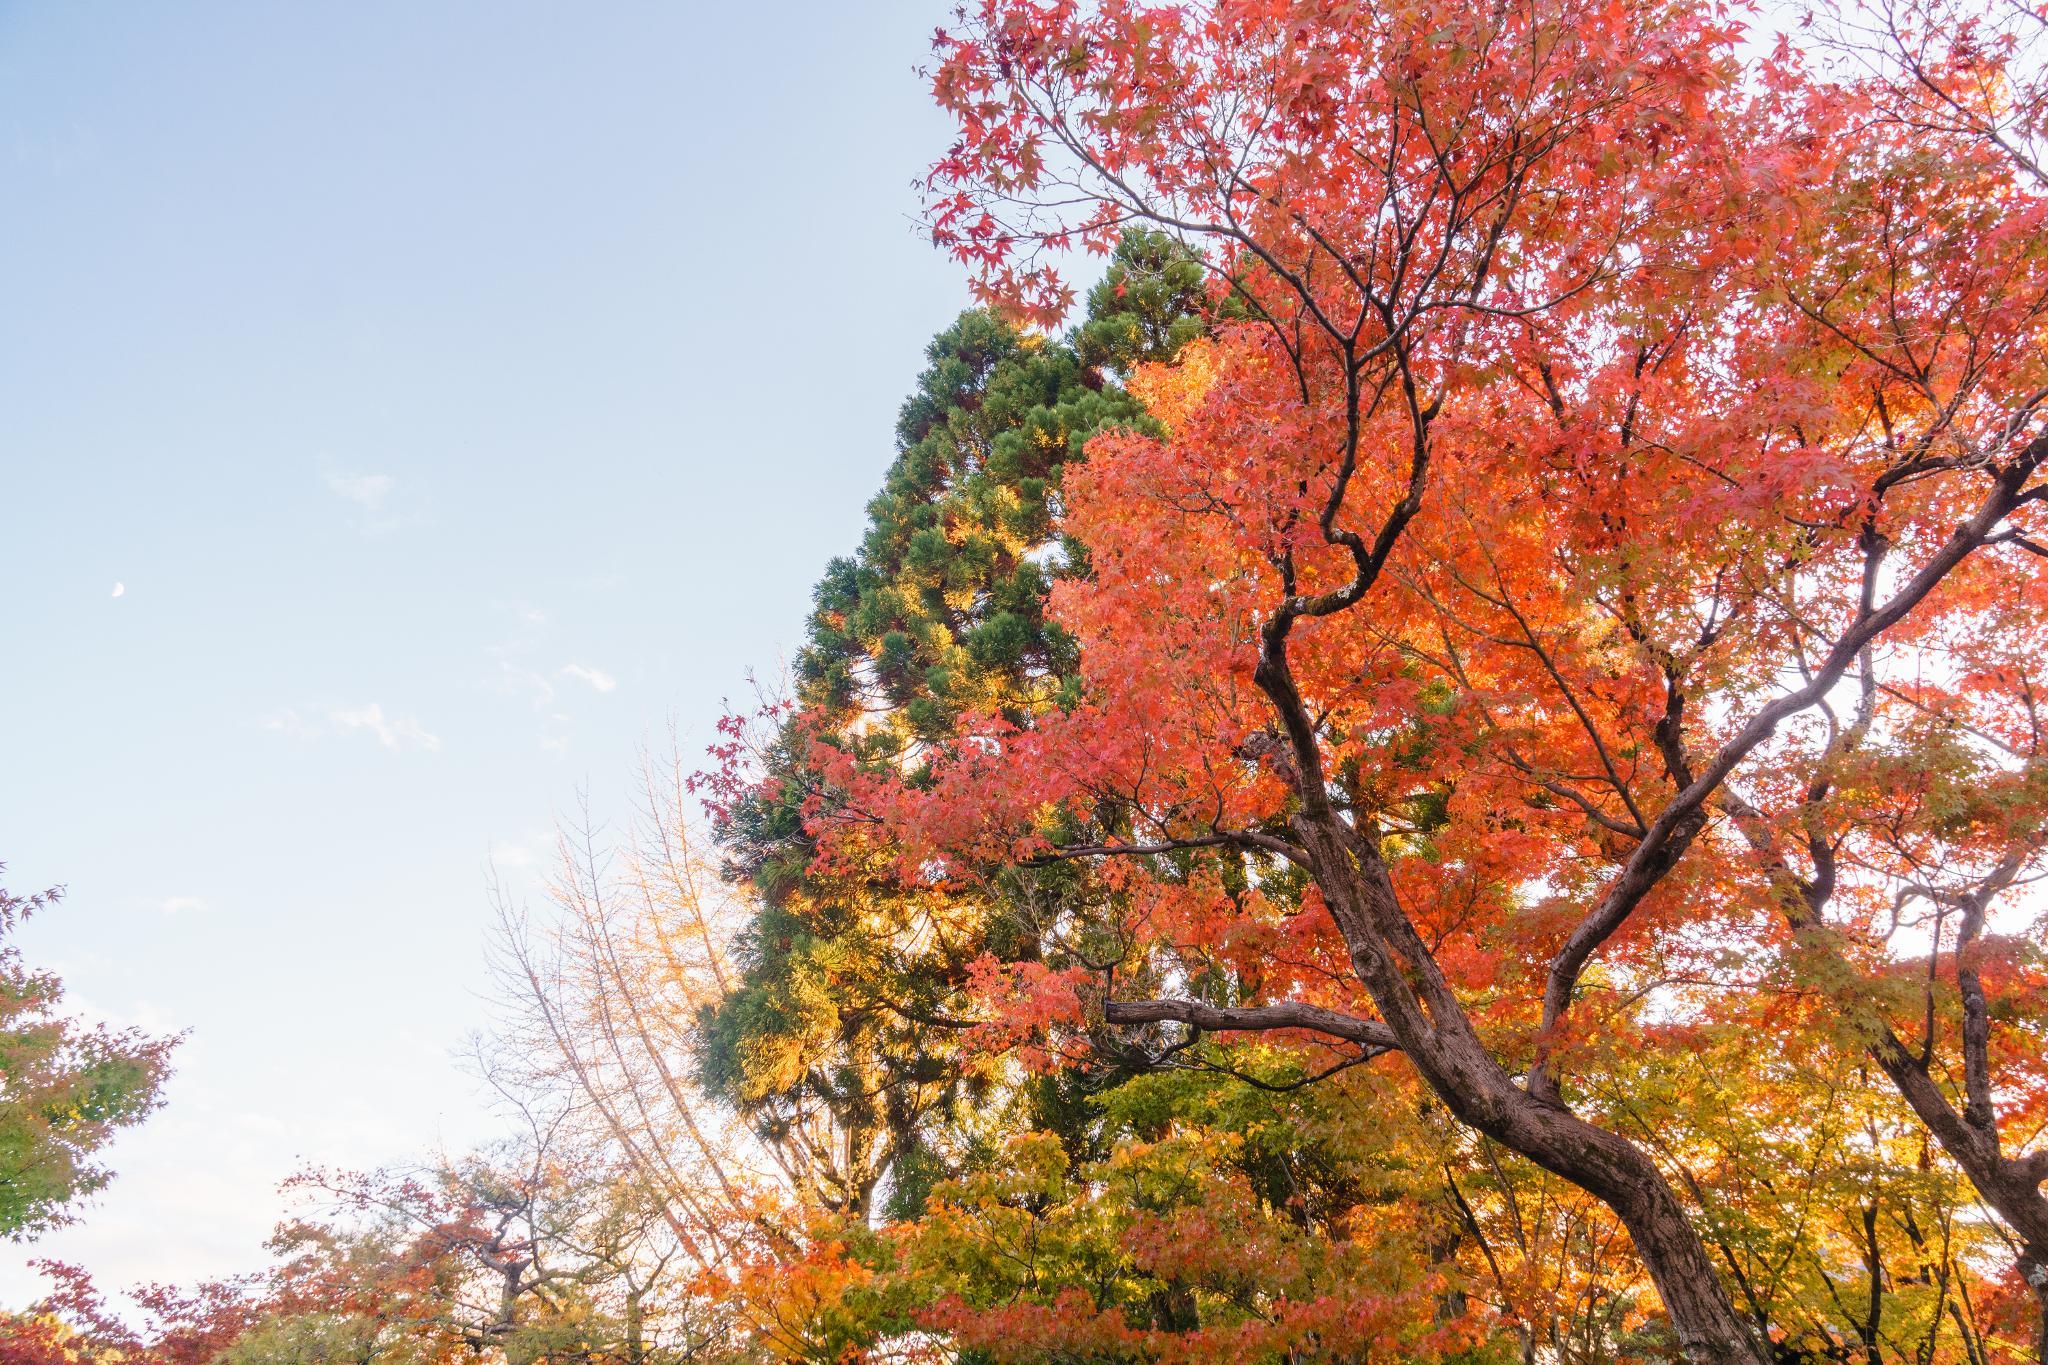 【京都】此生必來的紅葉狩絕景 - 永觀堂夜楓 104